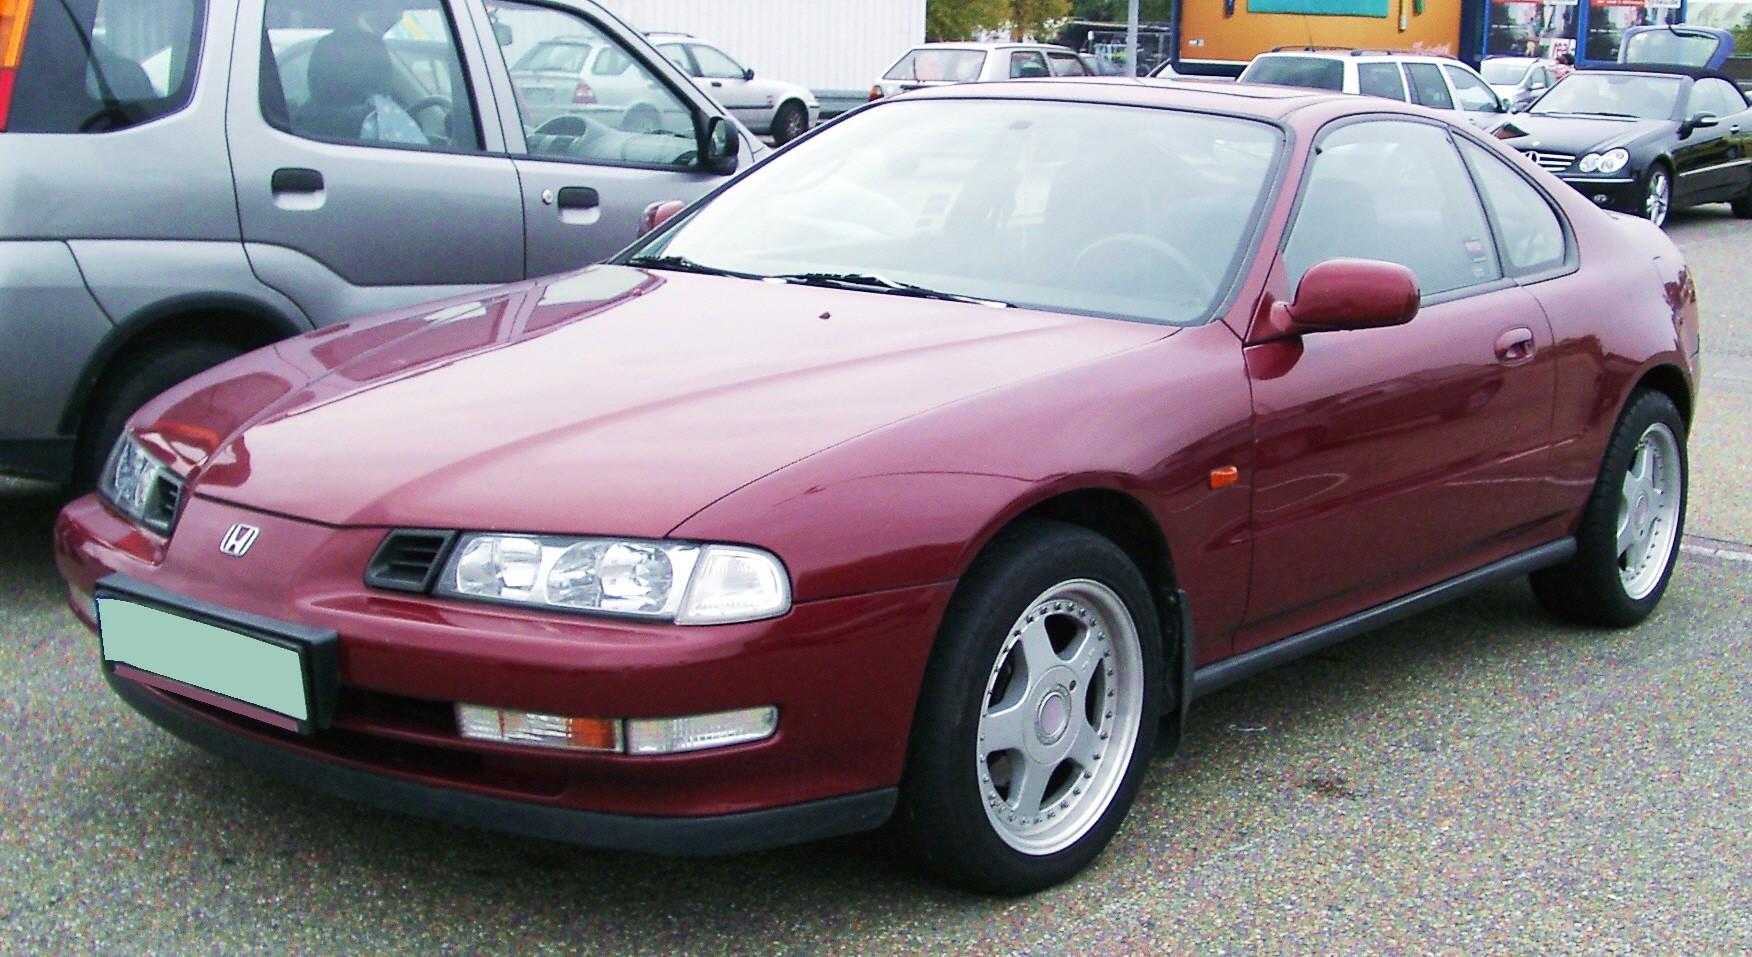 . На новые и подержанные автомобили хонда прелюд. Новые автомобили, с пробегом и без широкий выбор для того, чтобы купить хонда прелюд.